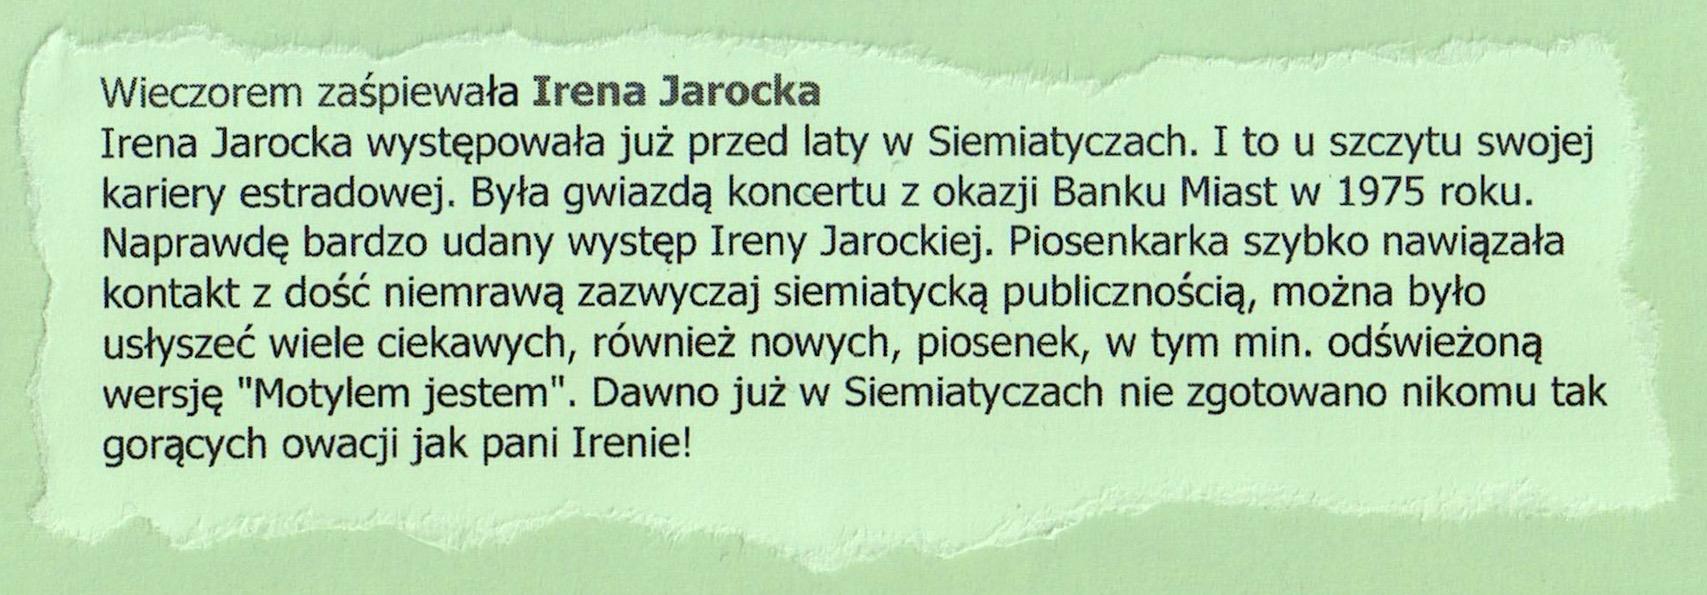 http://irenajarocka.pl/webdocs/image/2019/KG/wycinki-recenzje-pokoncertowe-33.jpeg